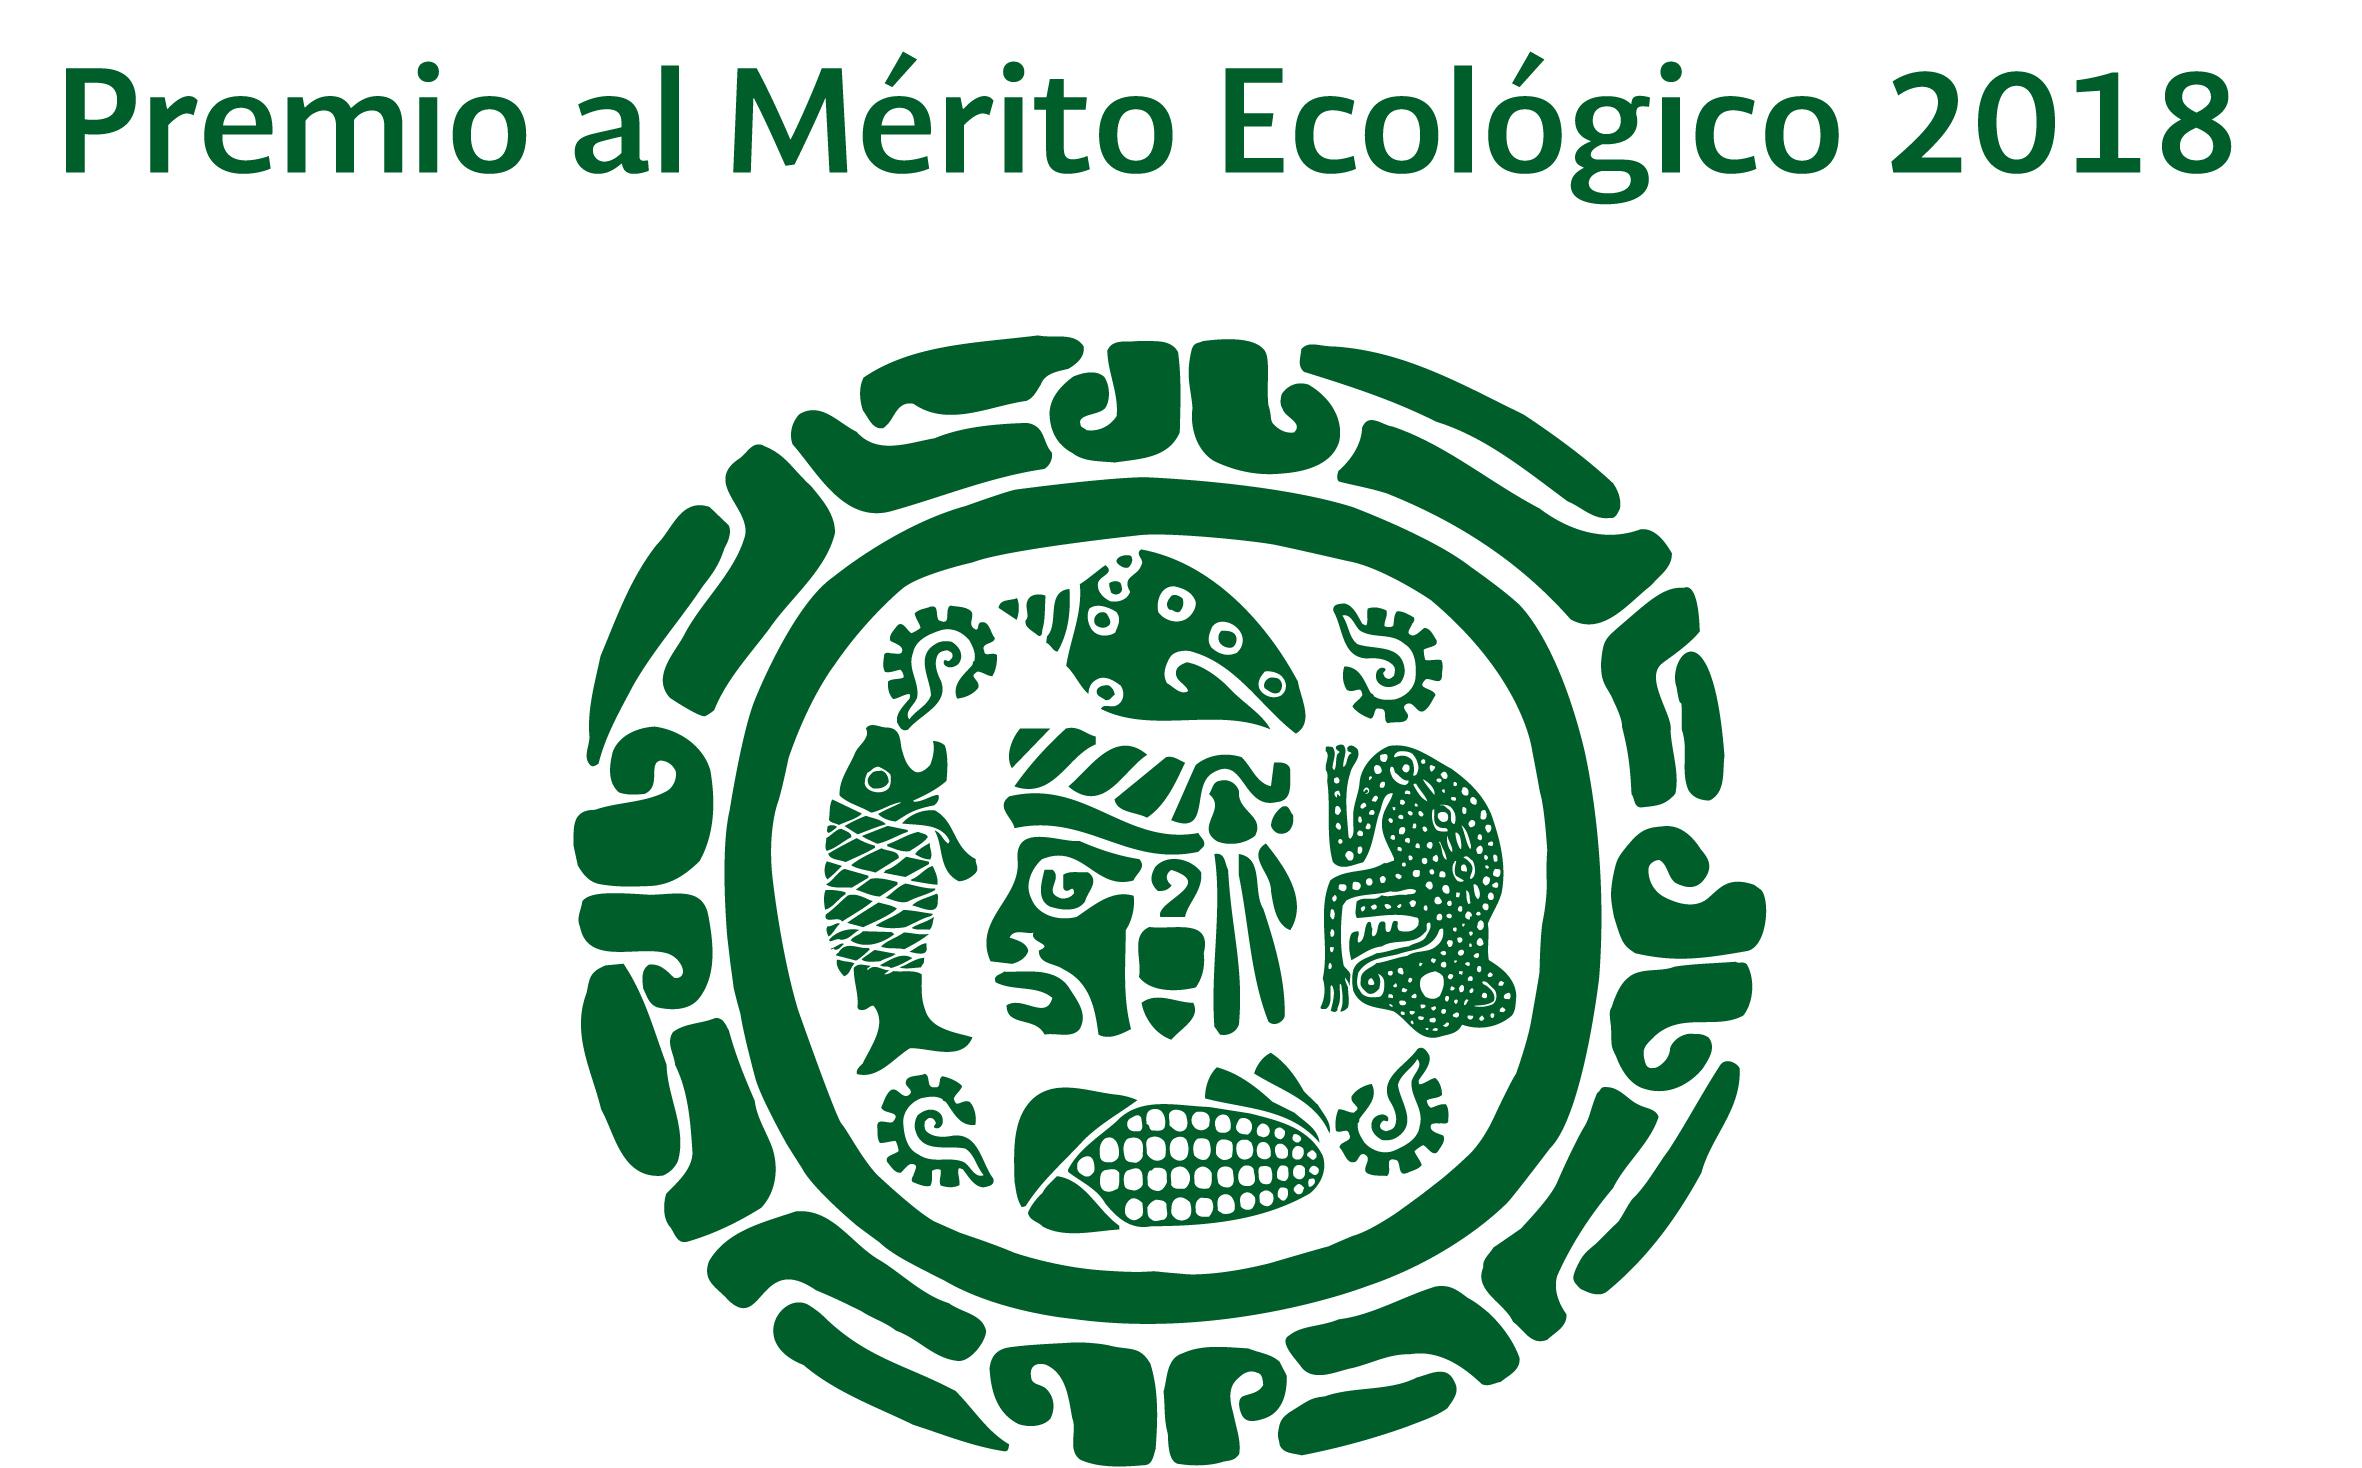 PREMIO AL MÉRITO ECOLÓGICO 2018